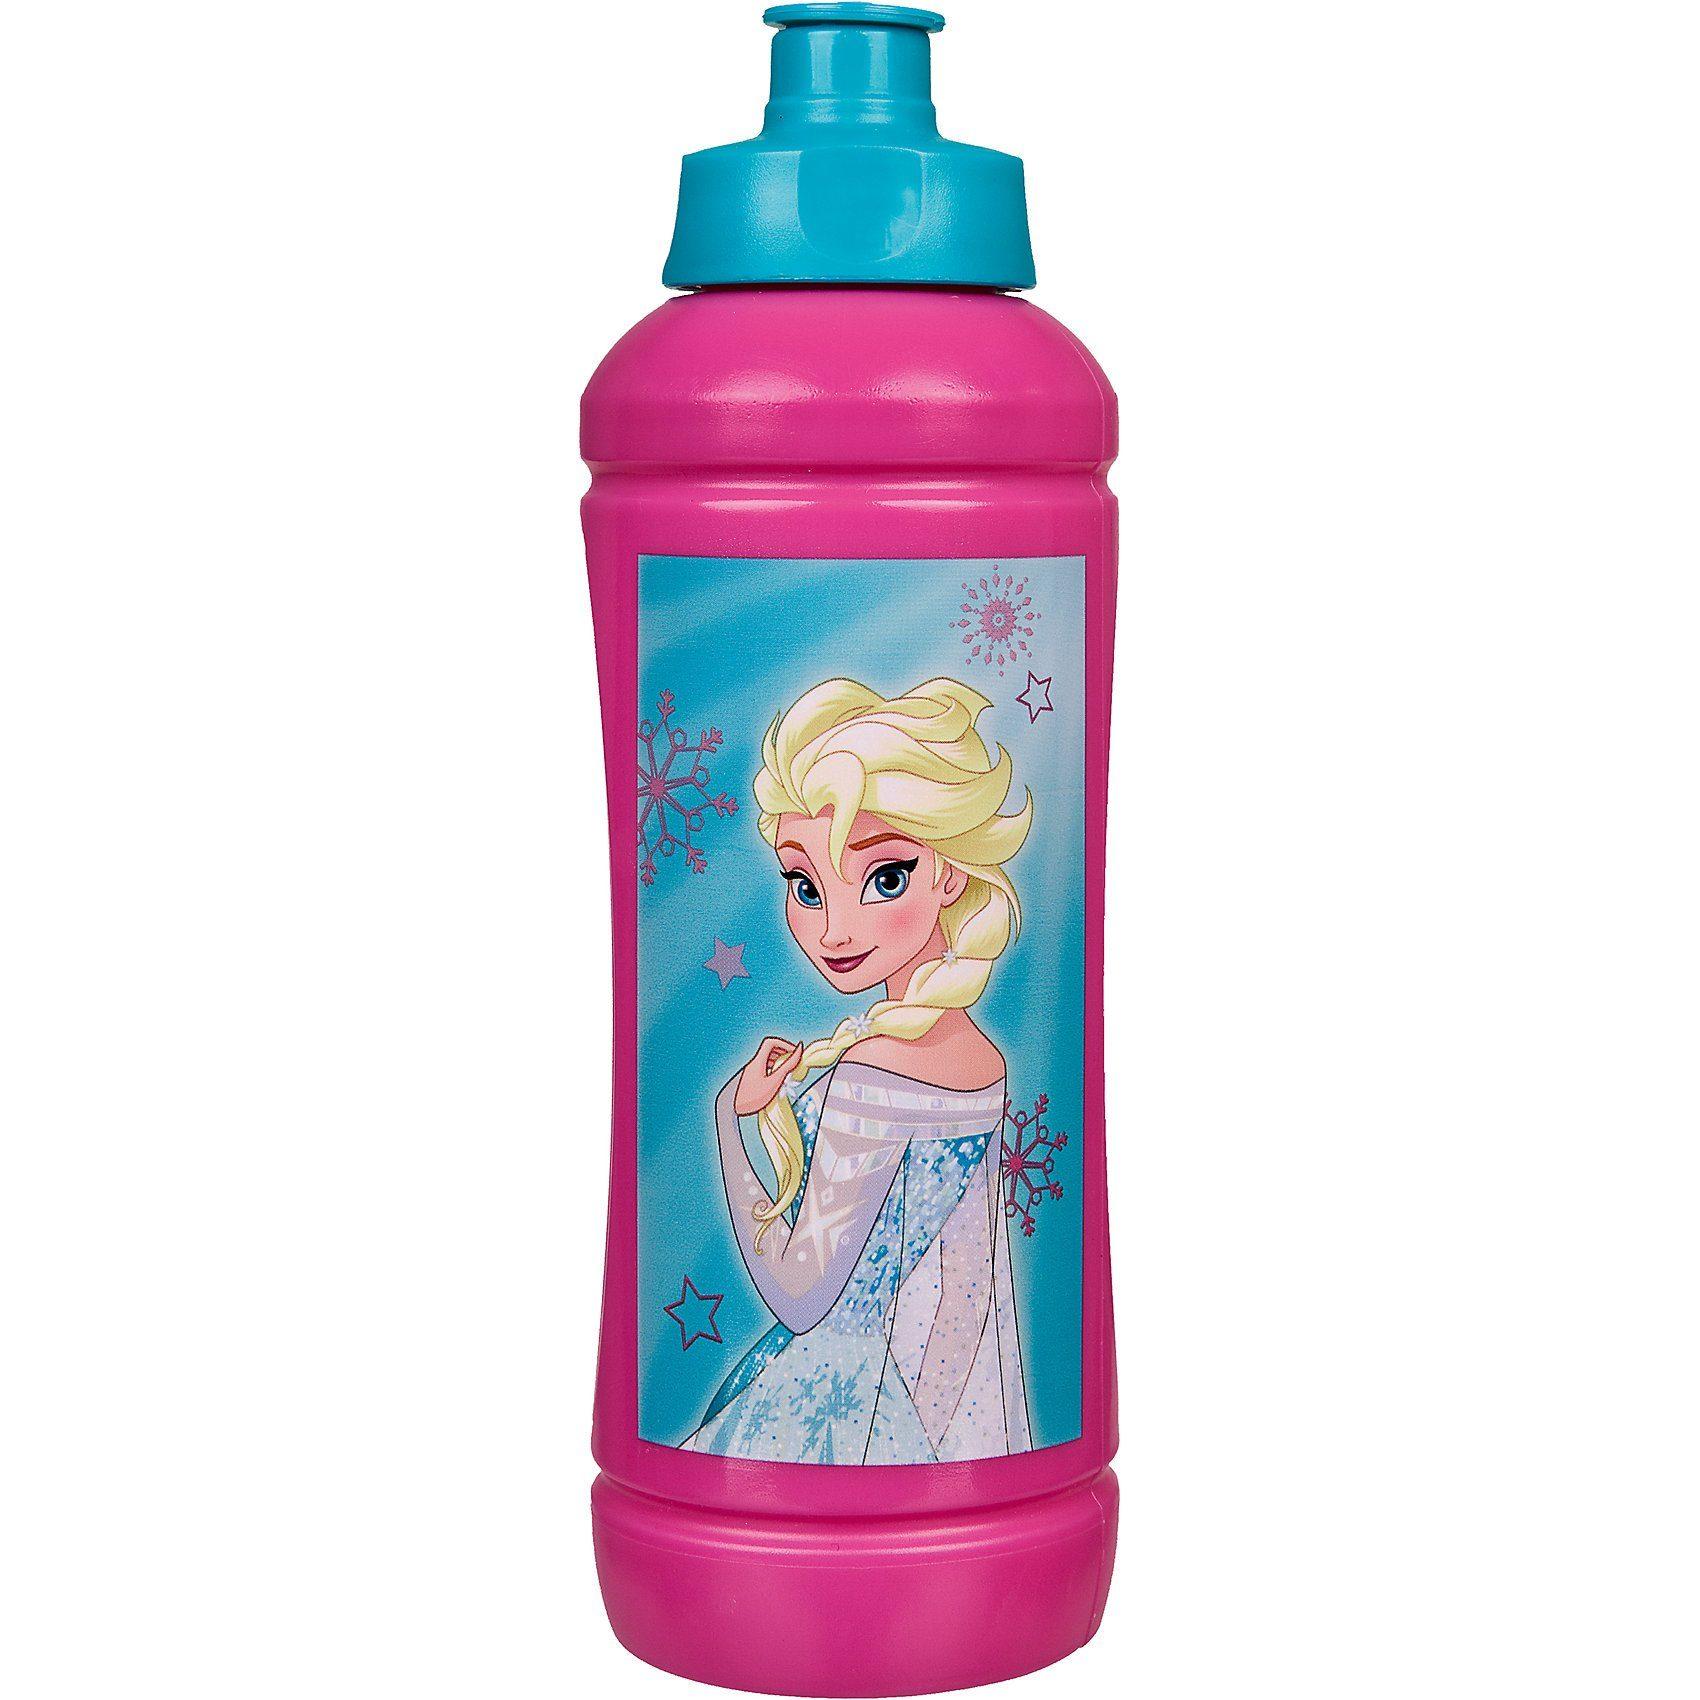 Scooli Trinkflasche Die Eiskönigin, 425 ml